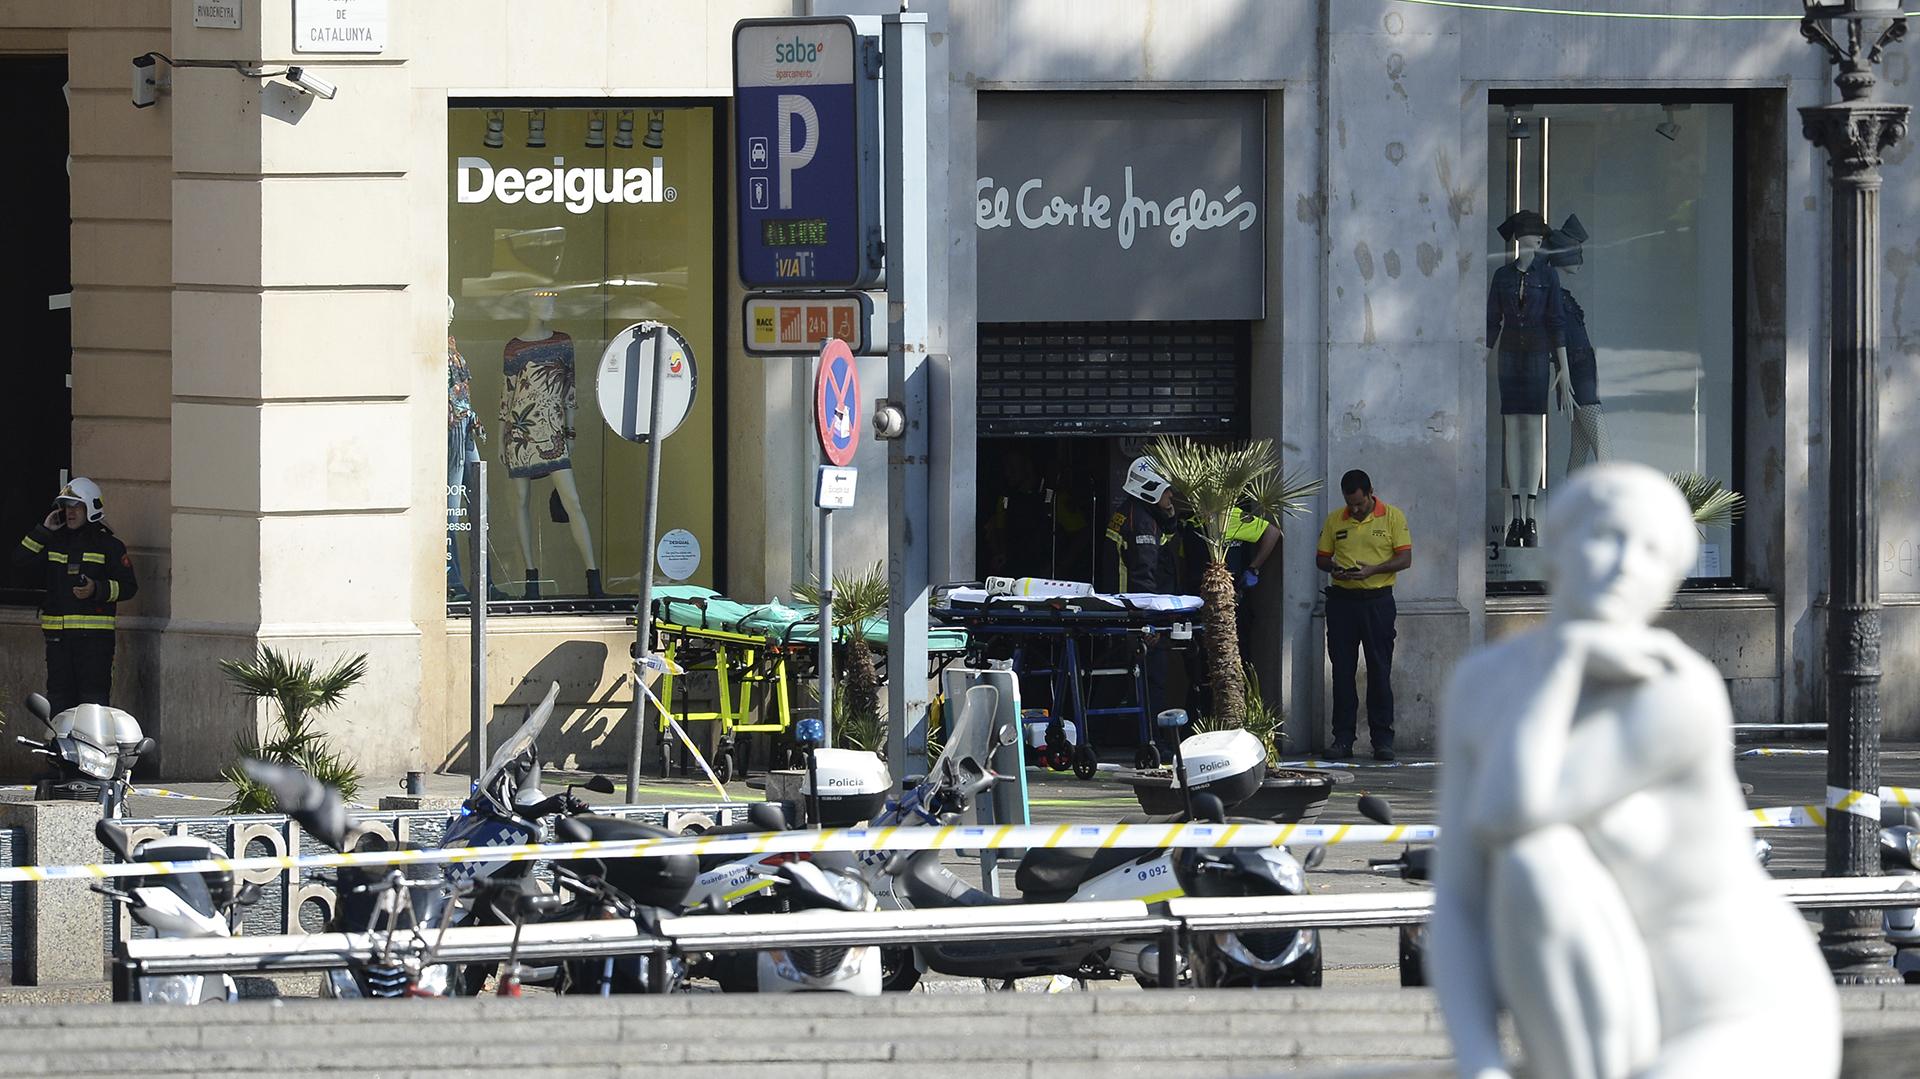 Un conductor subió por la vía y arrolló a varios ciudadanos (AFP)